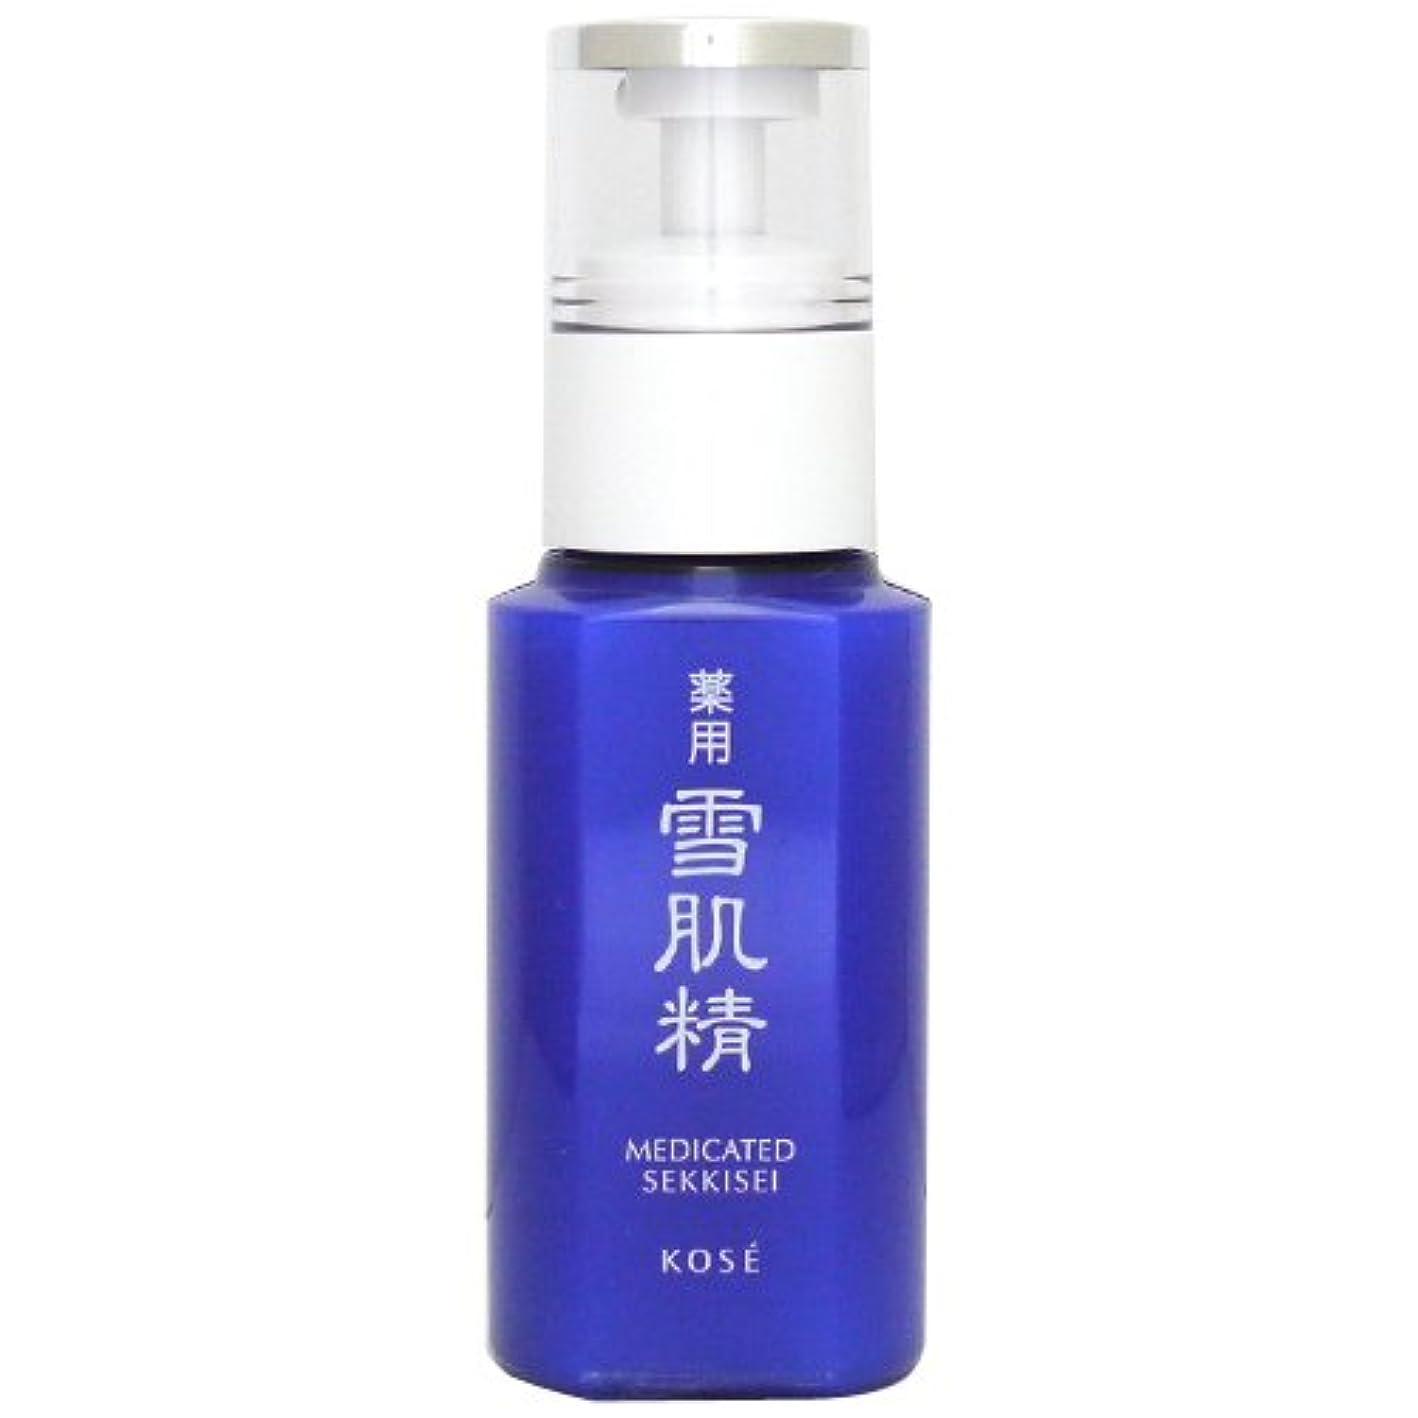 ハッピーなる四半期コーセー雪肌精 薬用 乳液(トライアルサイズ) 限定 【save the blue】 70mL